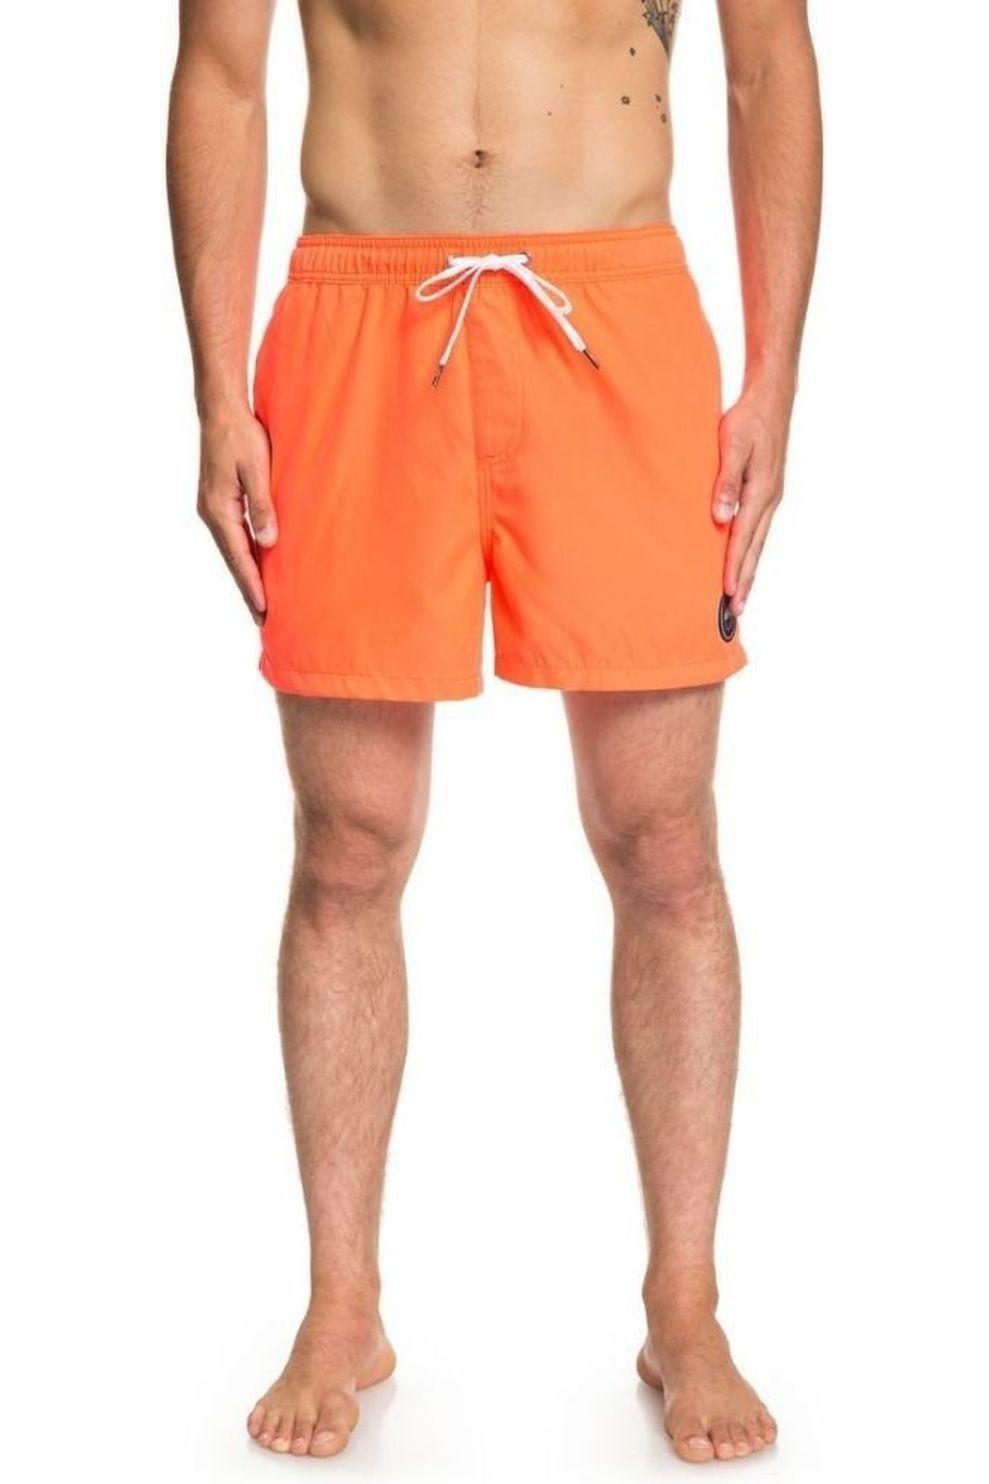 Quiksilver Zwemshort Everyday Volley 15 voor heren - Oranje - Maten: L, XL